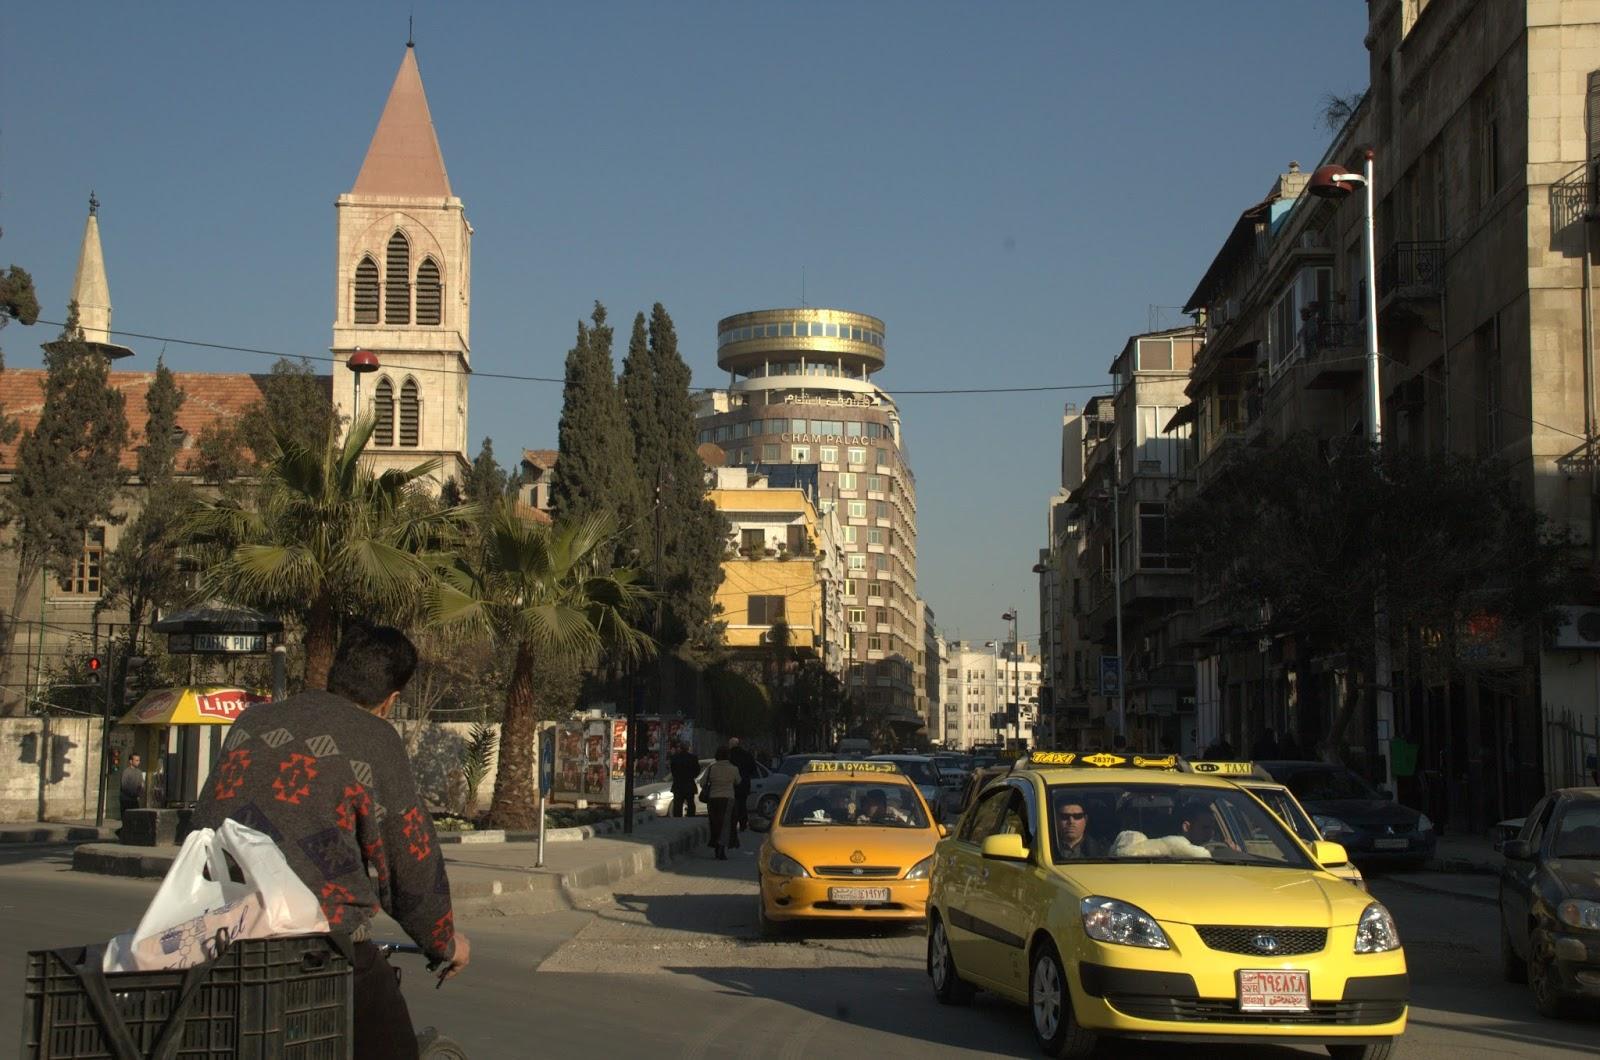 Back in Beirut